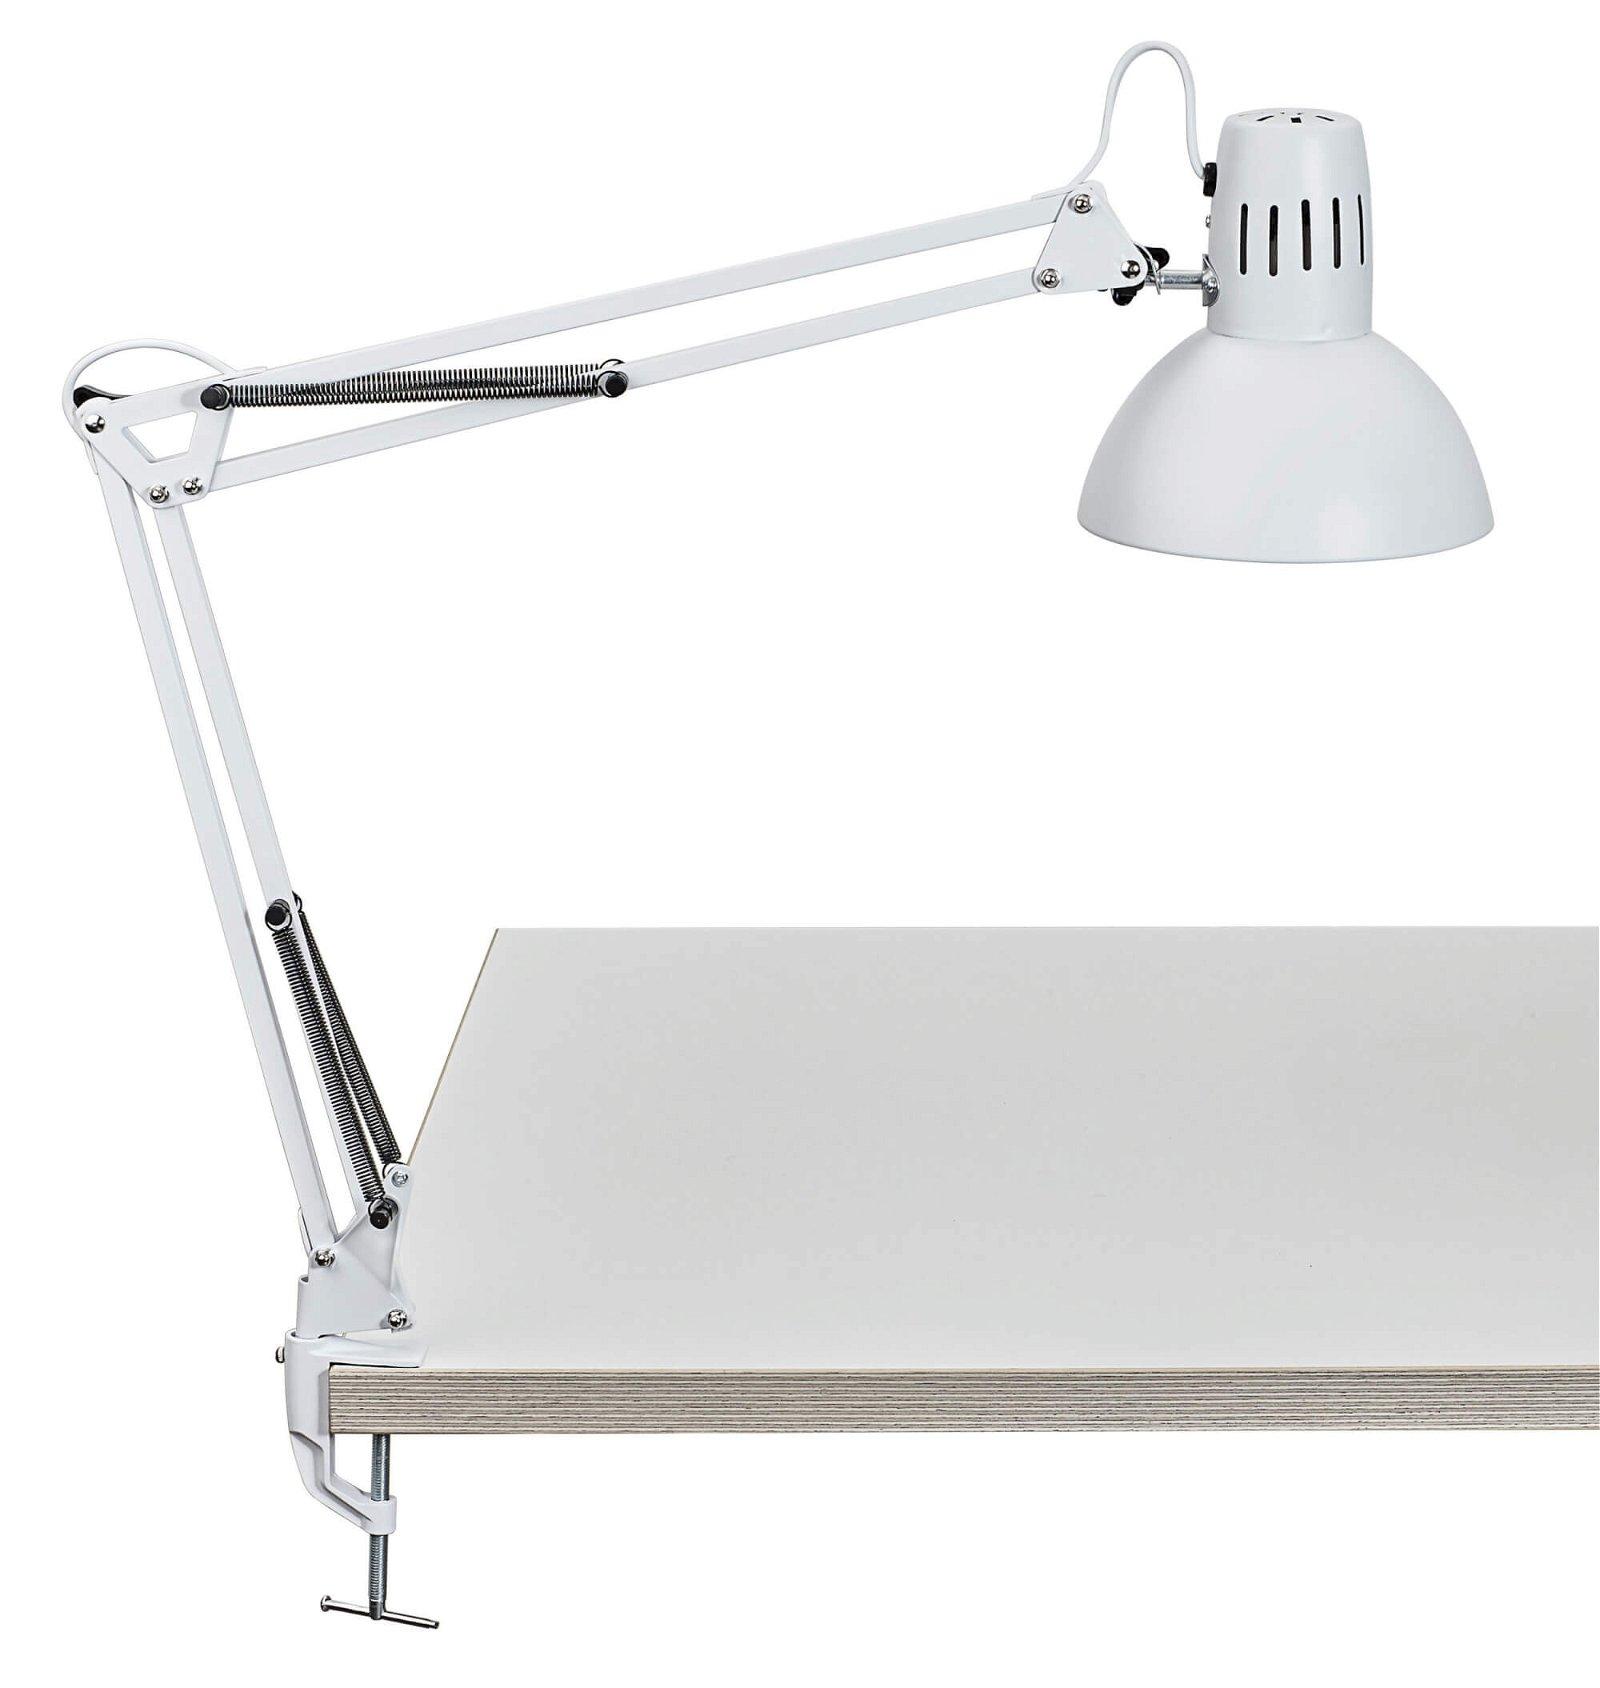 Tischleuchte MAULstudy, exkl. Leuchtmittel